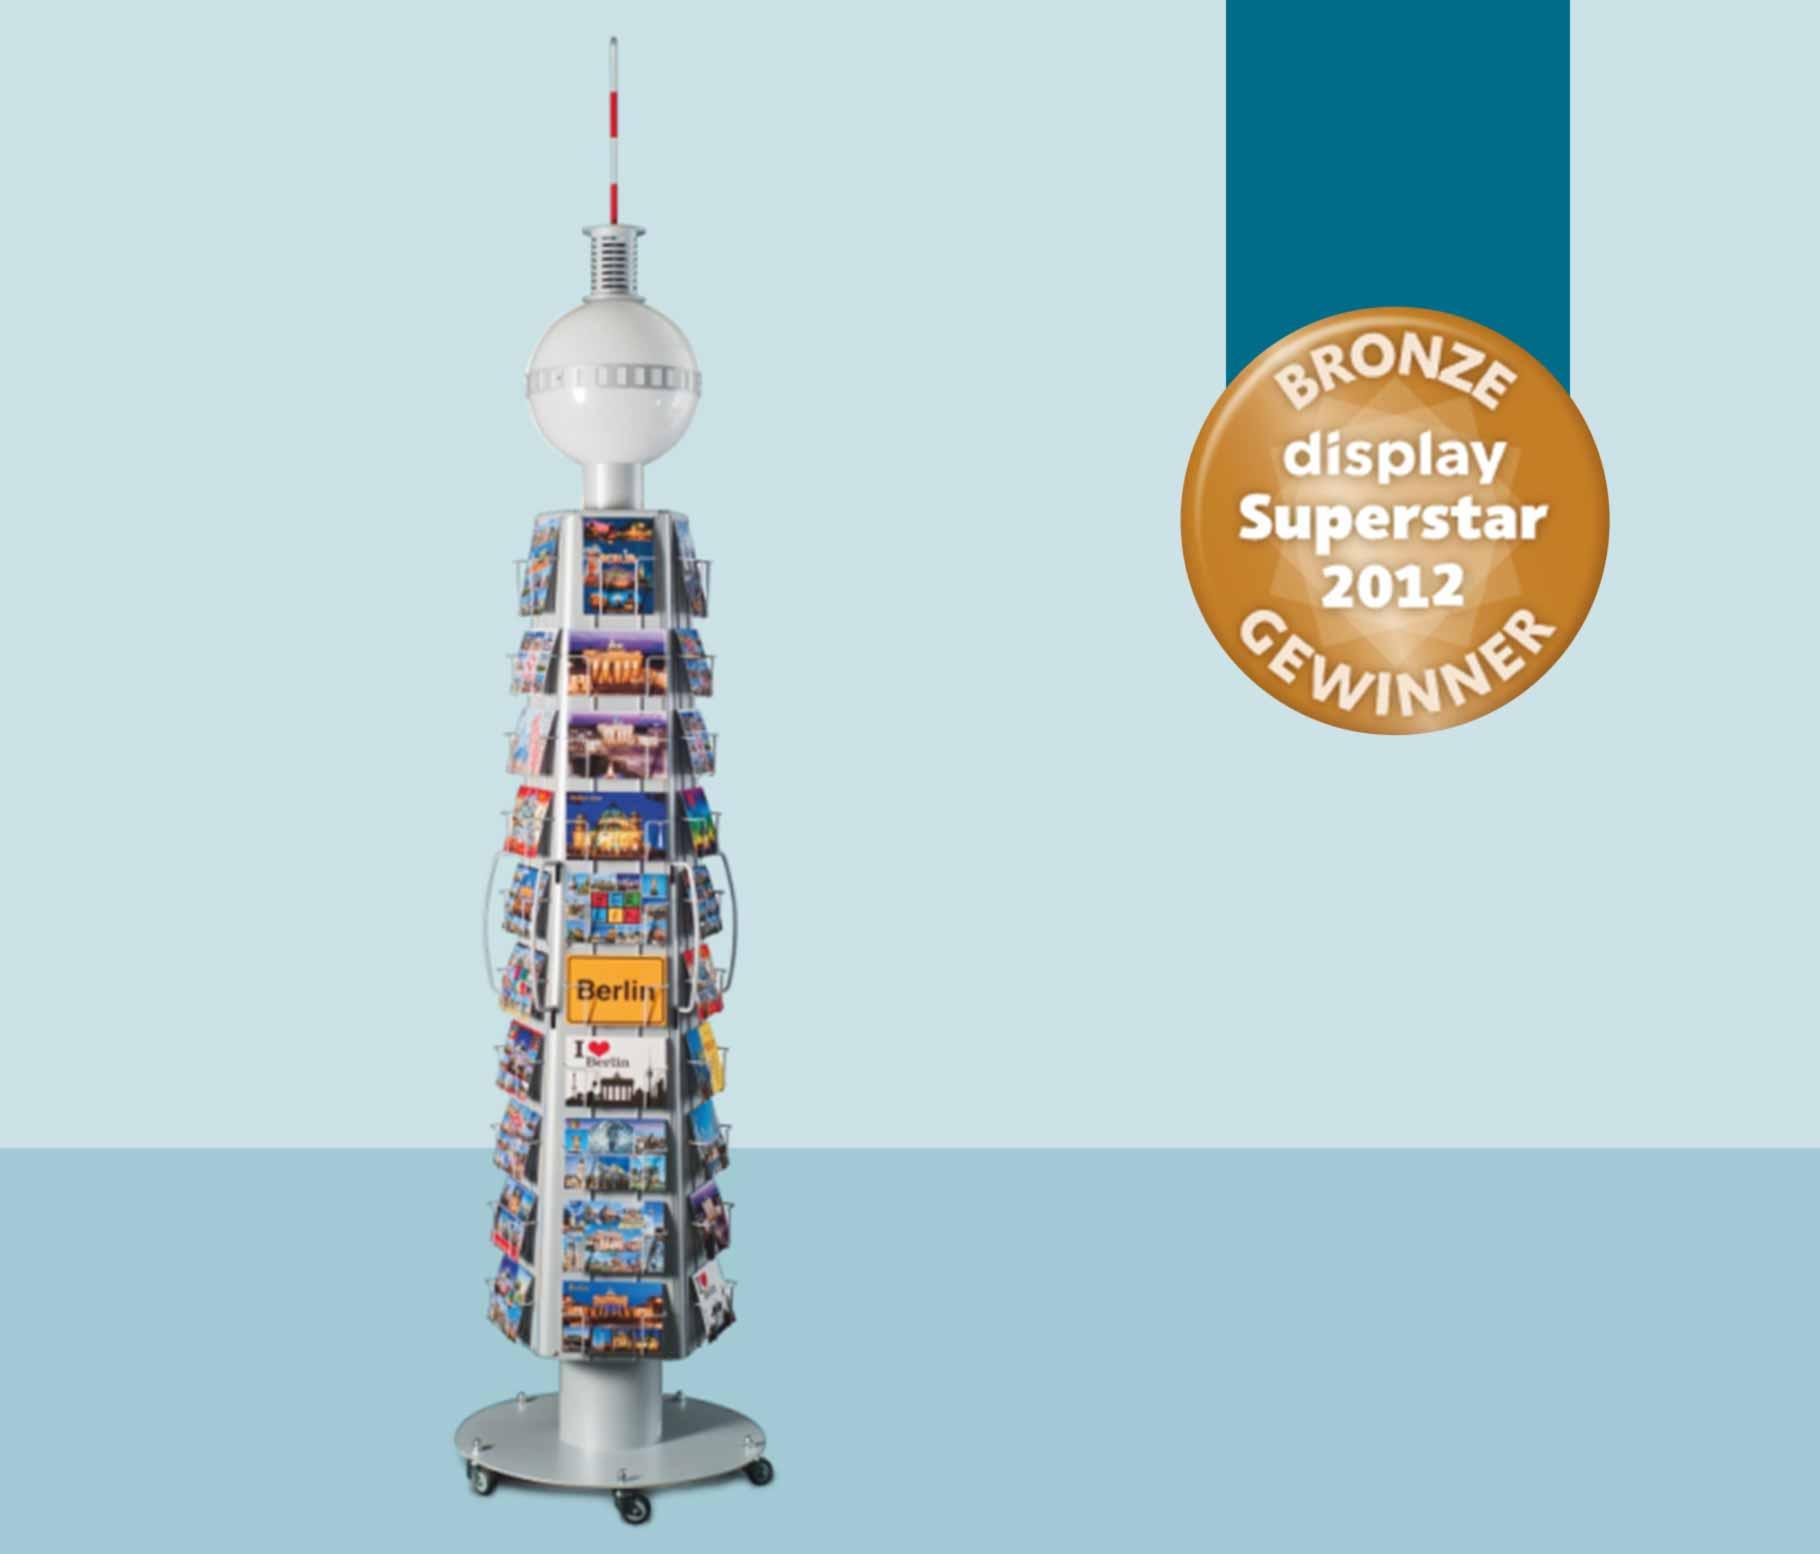 2012: Das Postkartendisplay für den Schikkus Verlag in Form des Berliner Fernsehturms wird mit dem Superstar in Bronze prämiert.